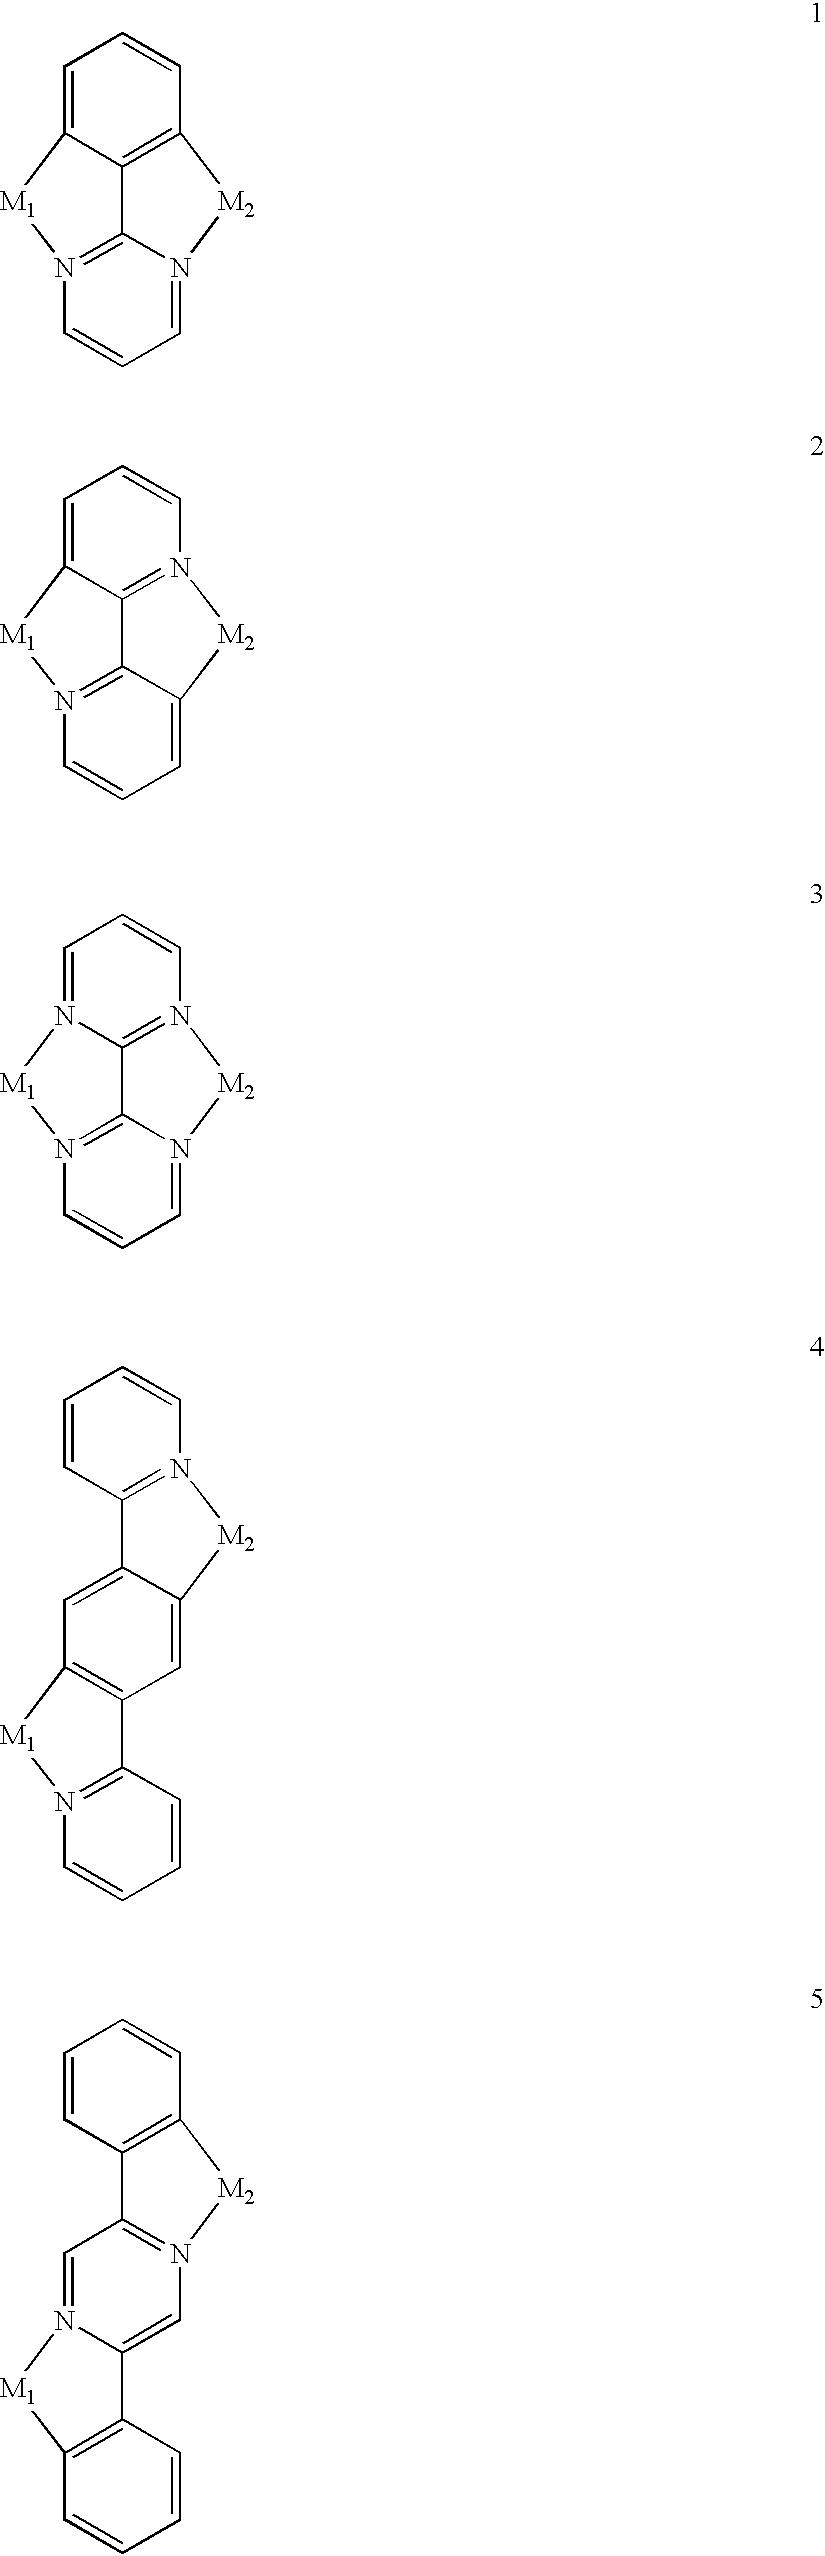 Figure US20030152802A1-20030814-C00006